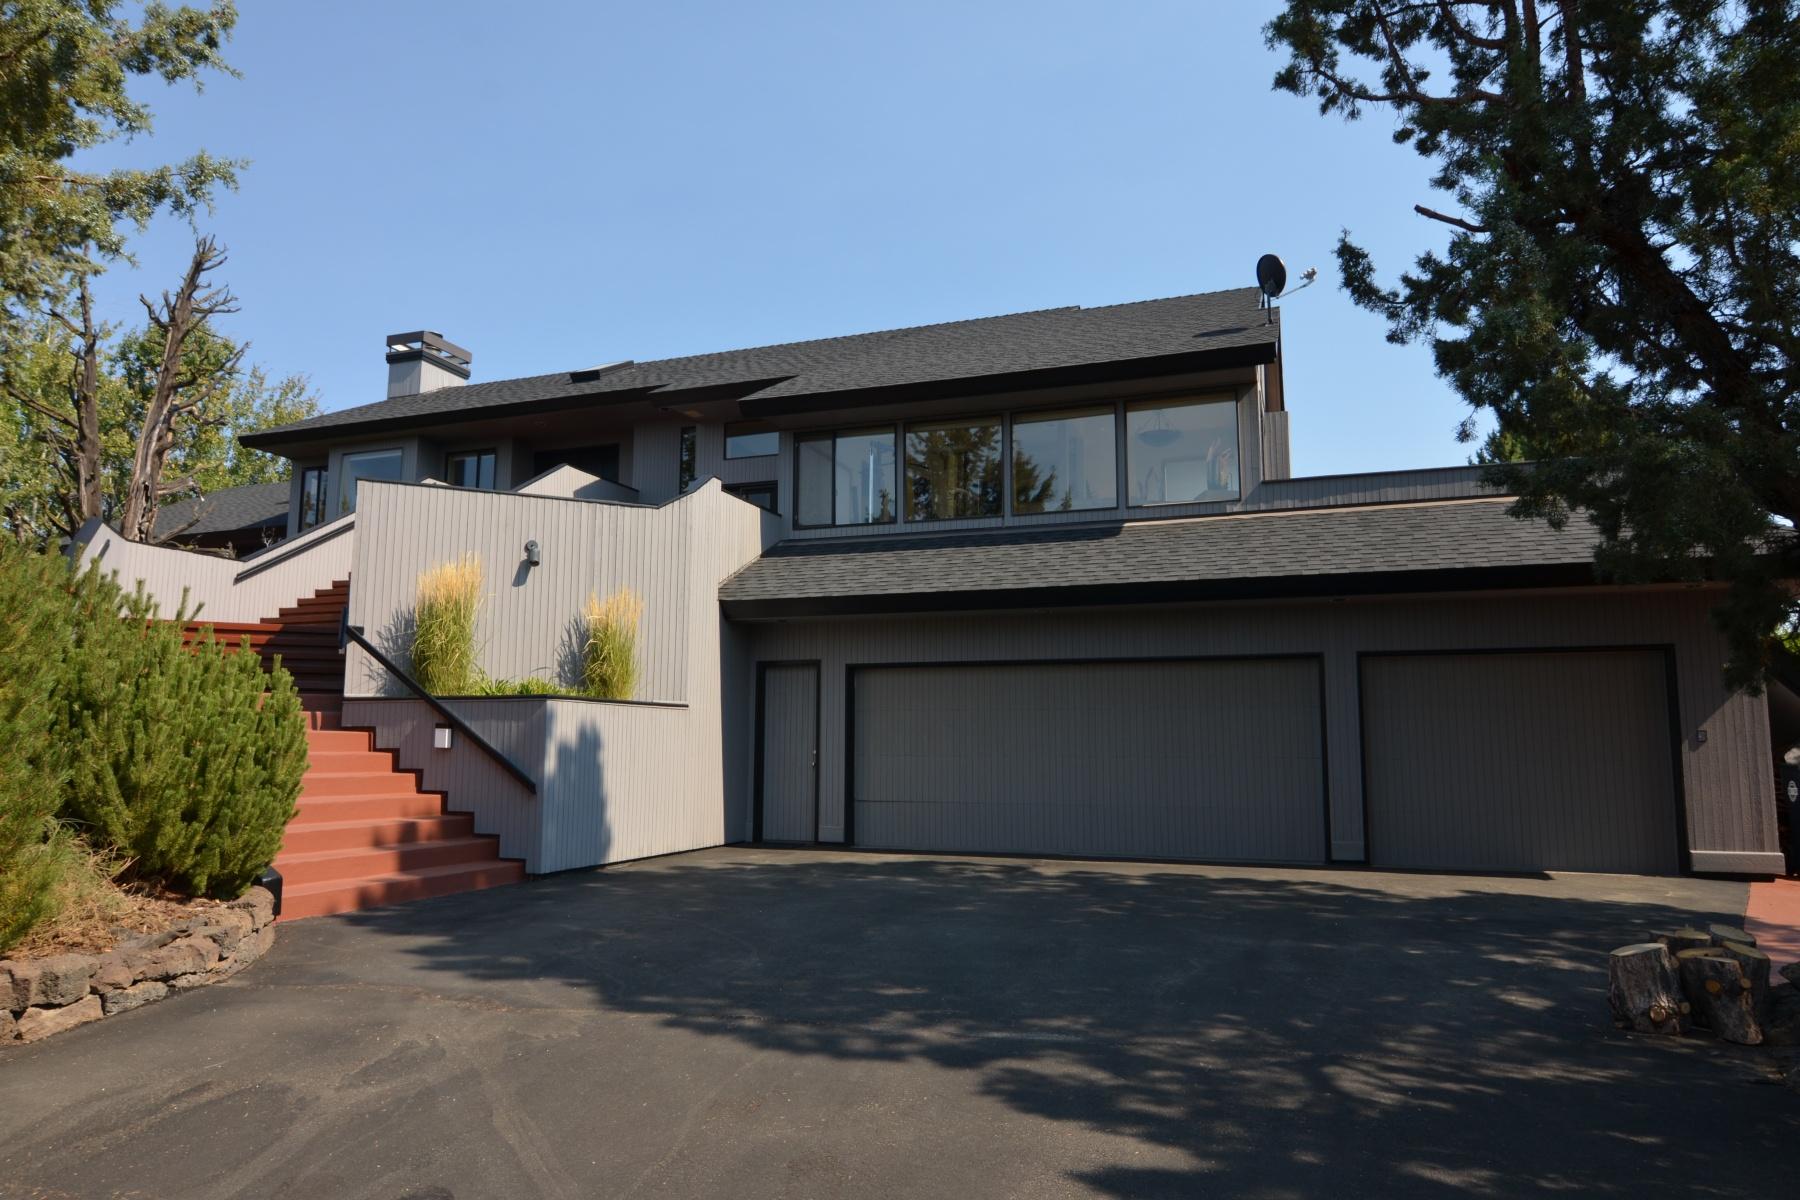 Tek Ailelik Ev için Satış at Boonesborough 21865 Boonesborough Dr Bend, Oregon 97701 Amerika Birleşik Devletleri